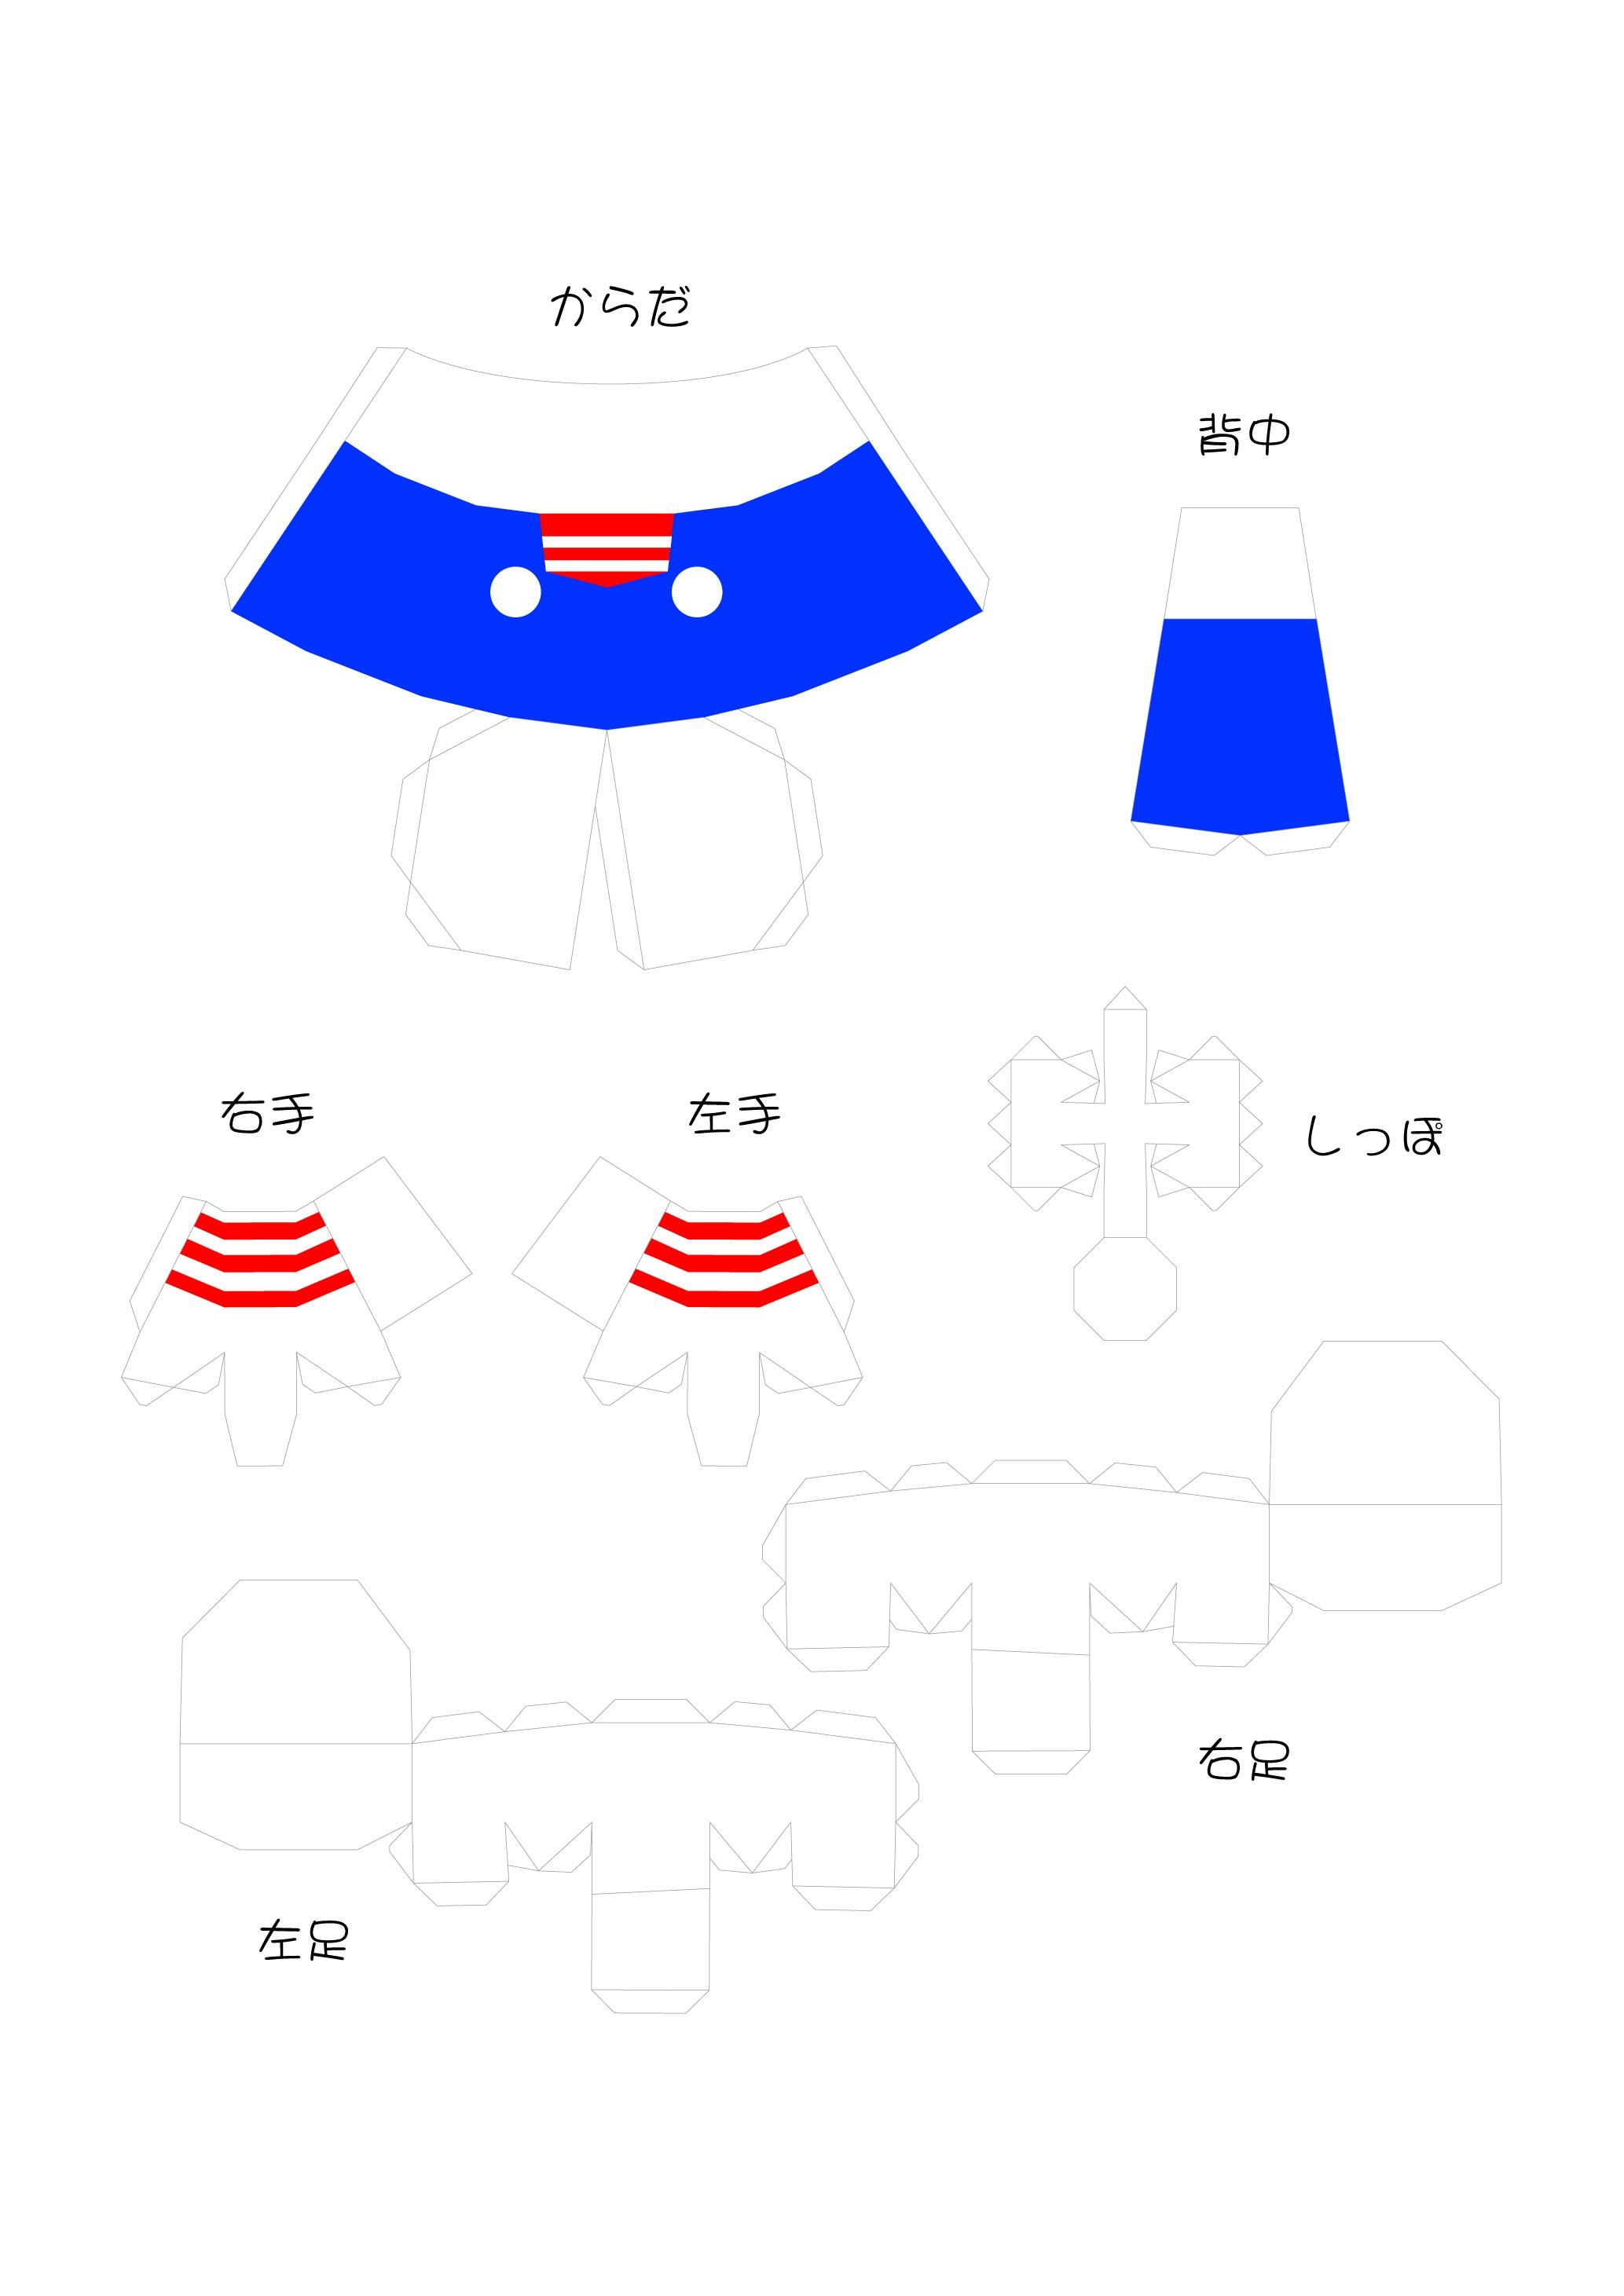 Ghibli Papercraft Hello Kitty Papercraft 2b 2067—2923